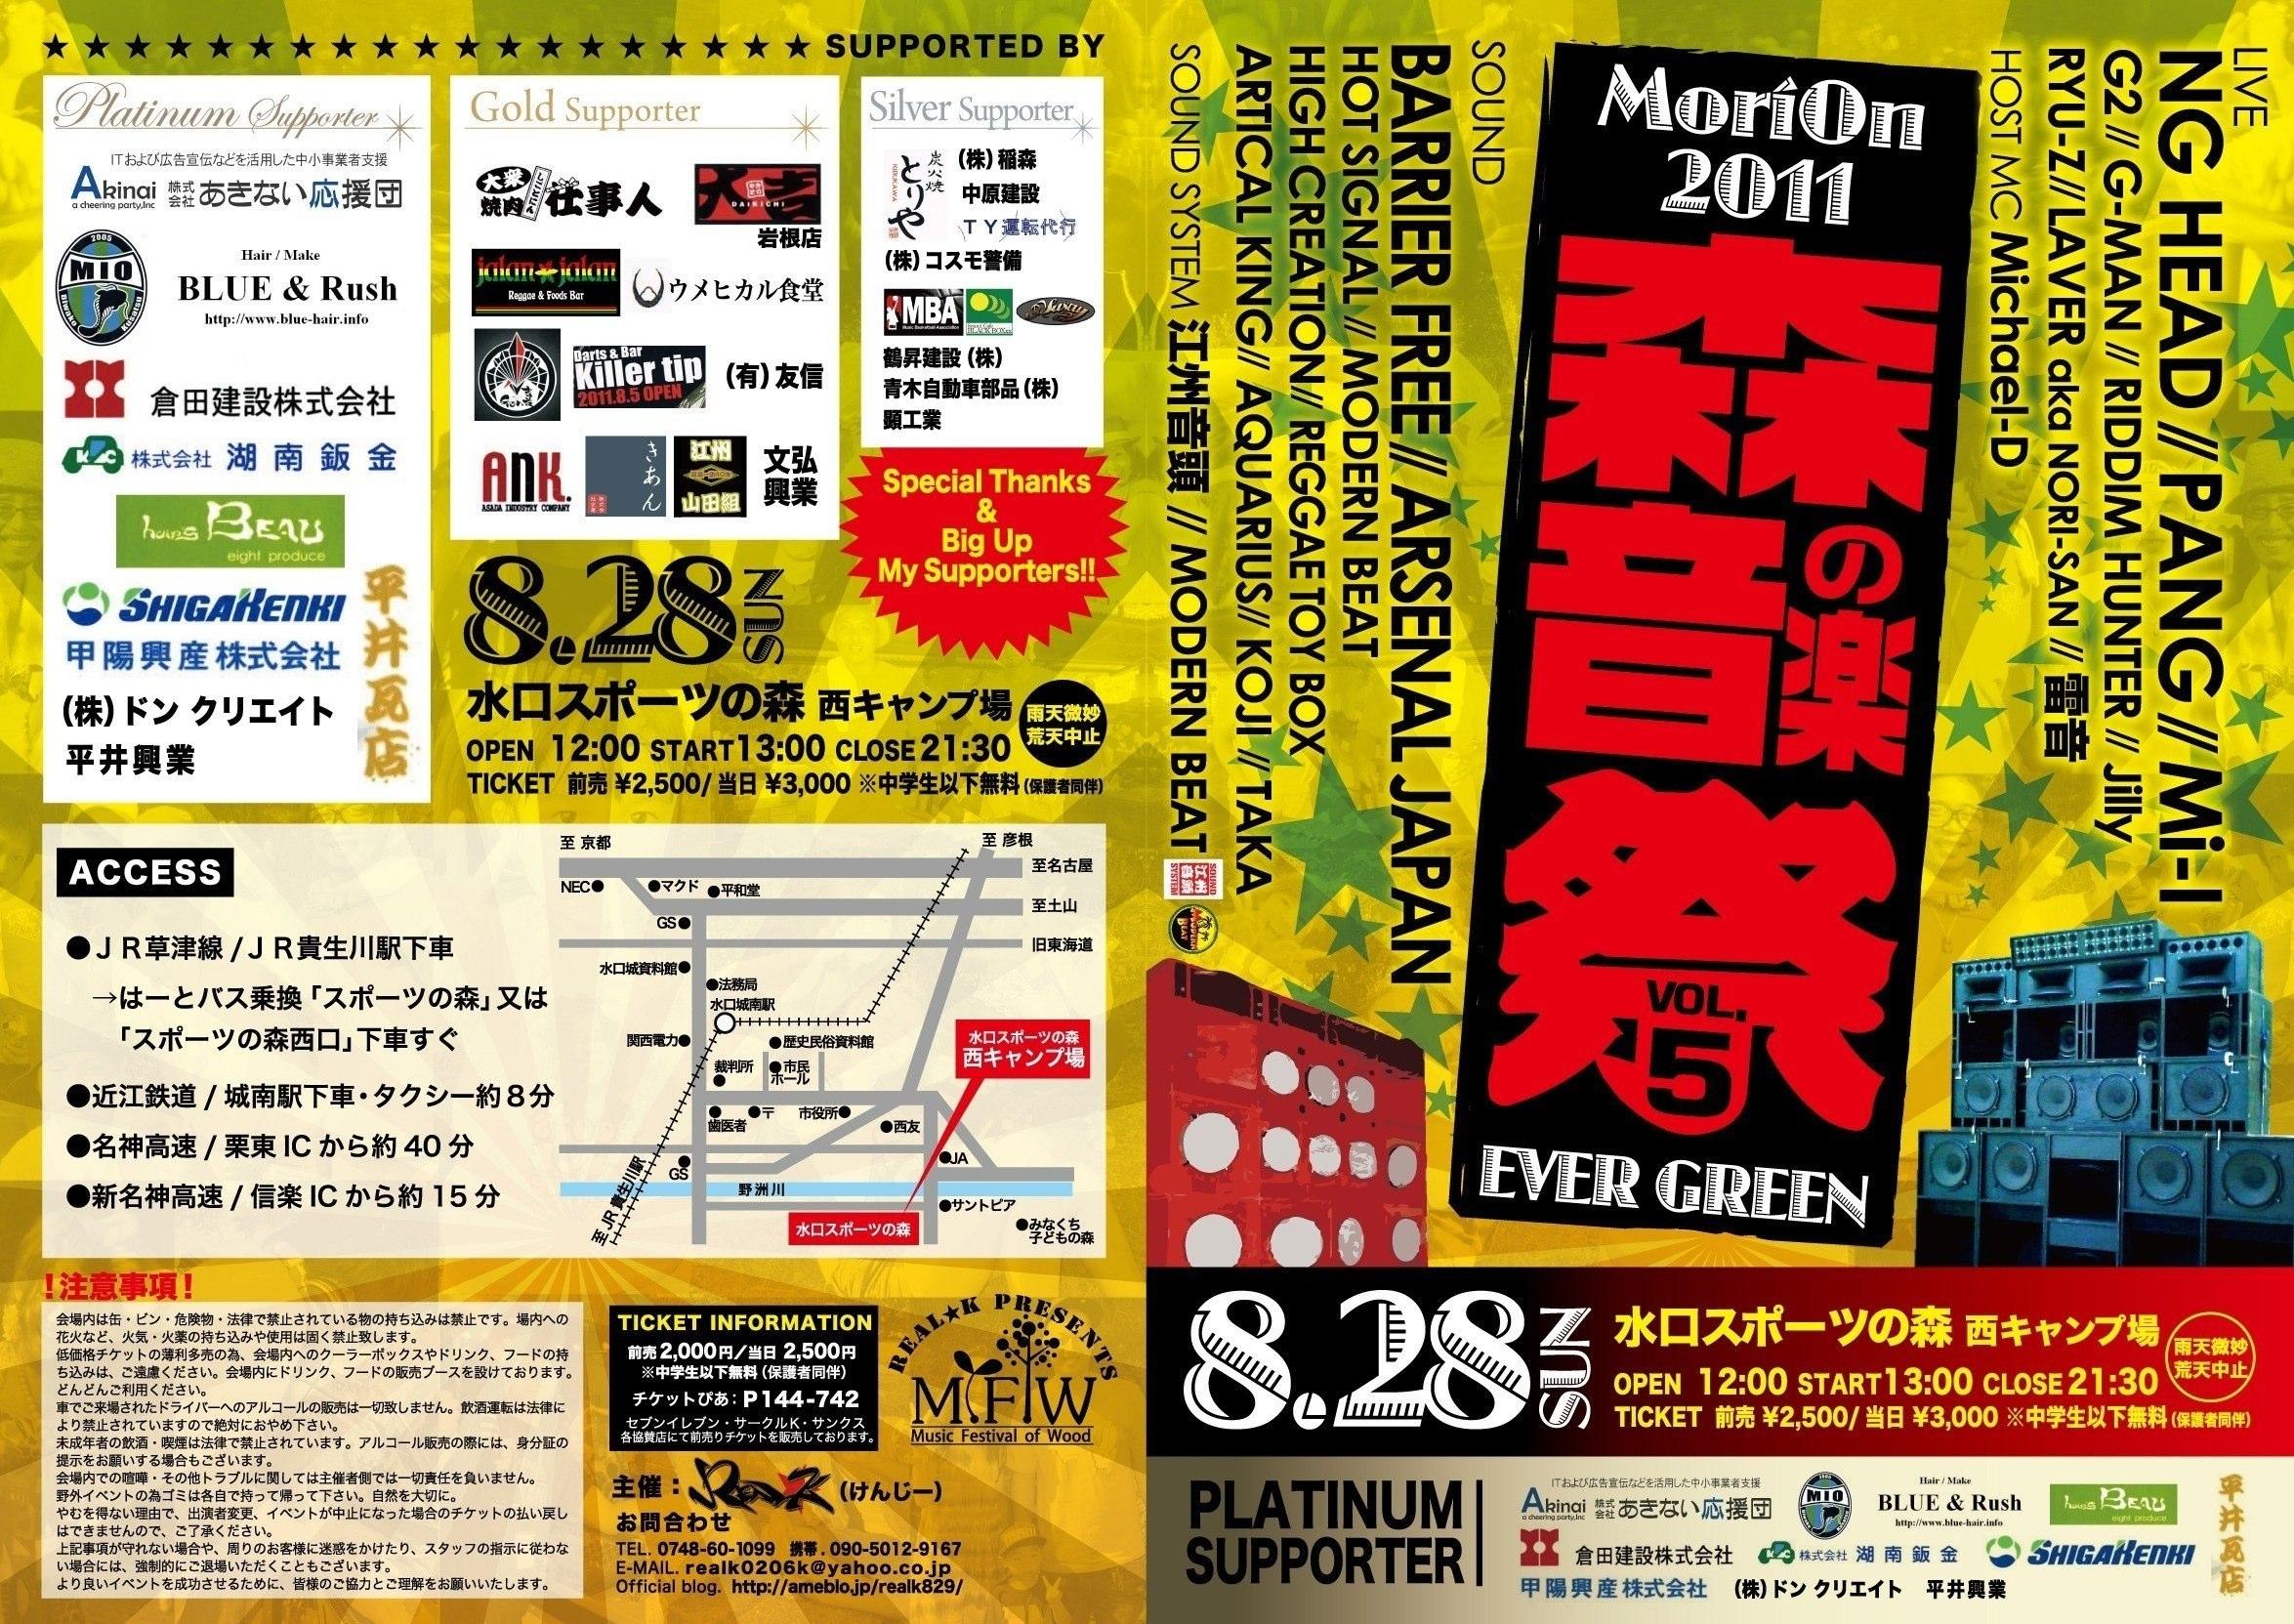 MORION_2011_omote2.jpg